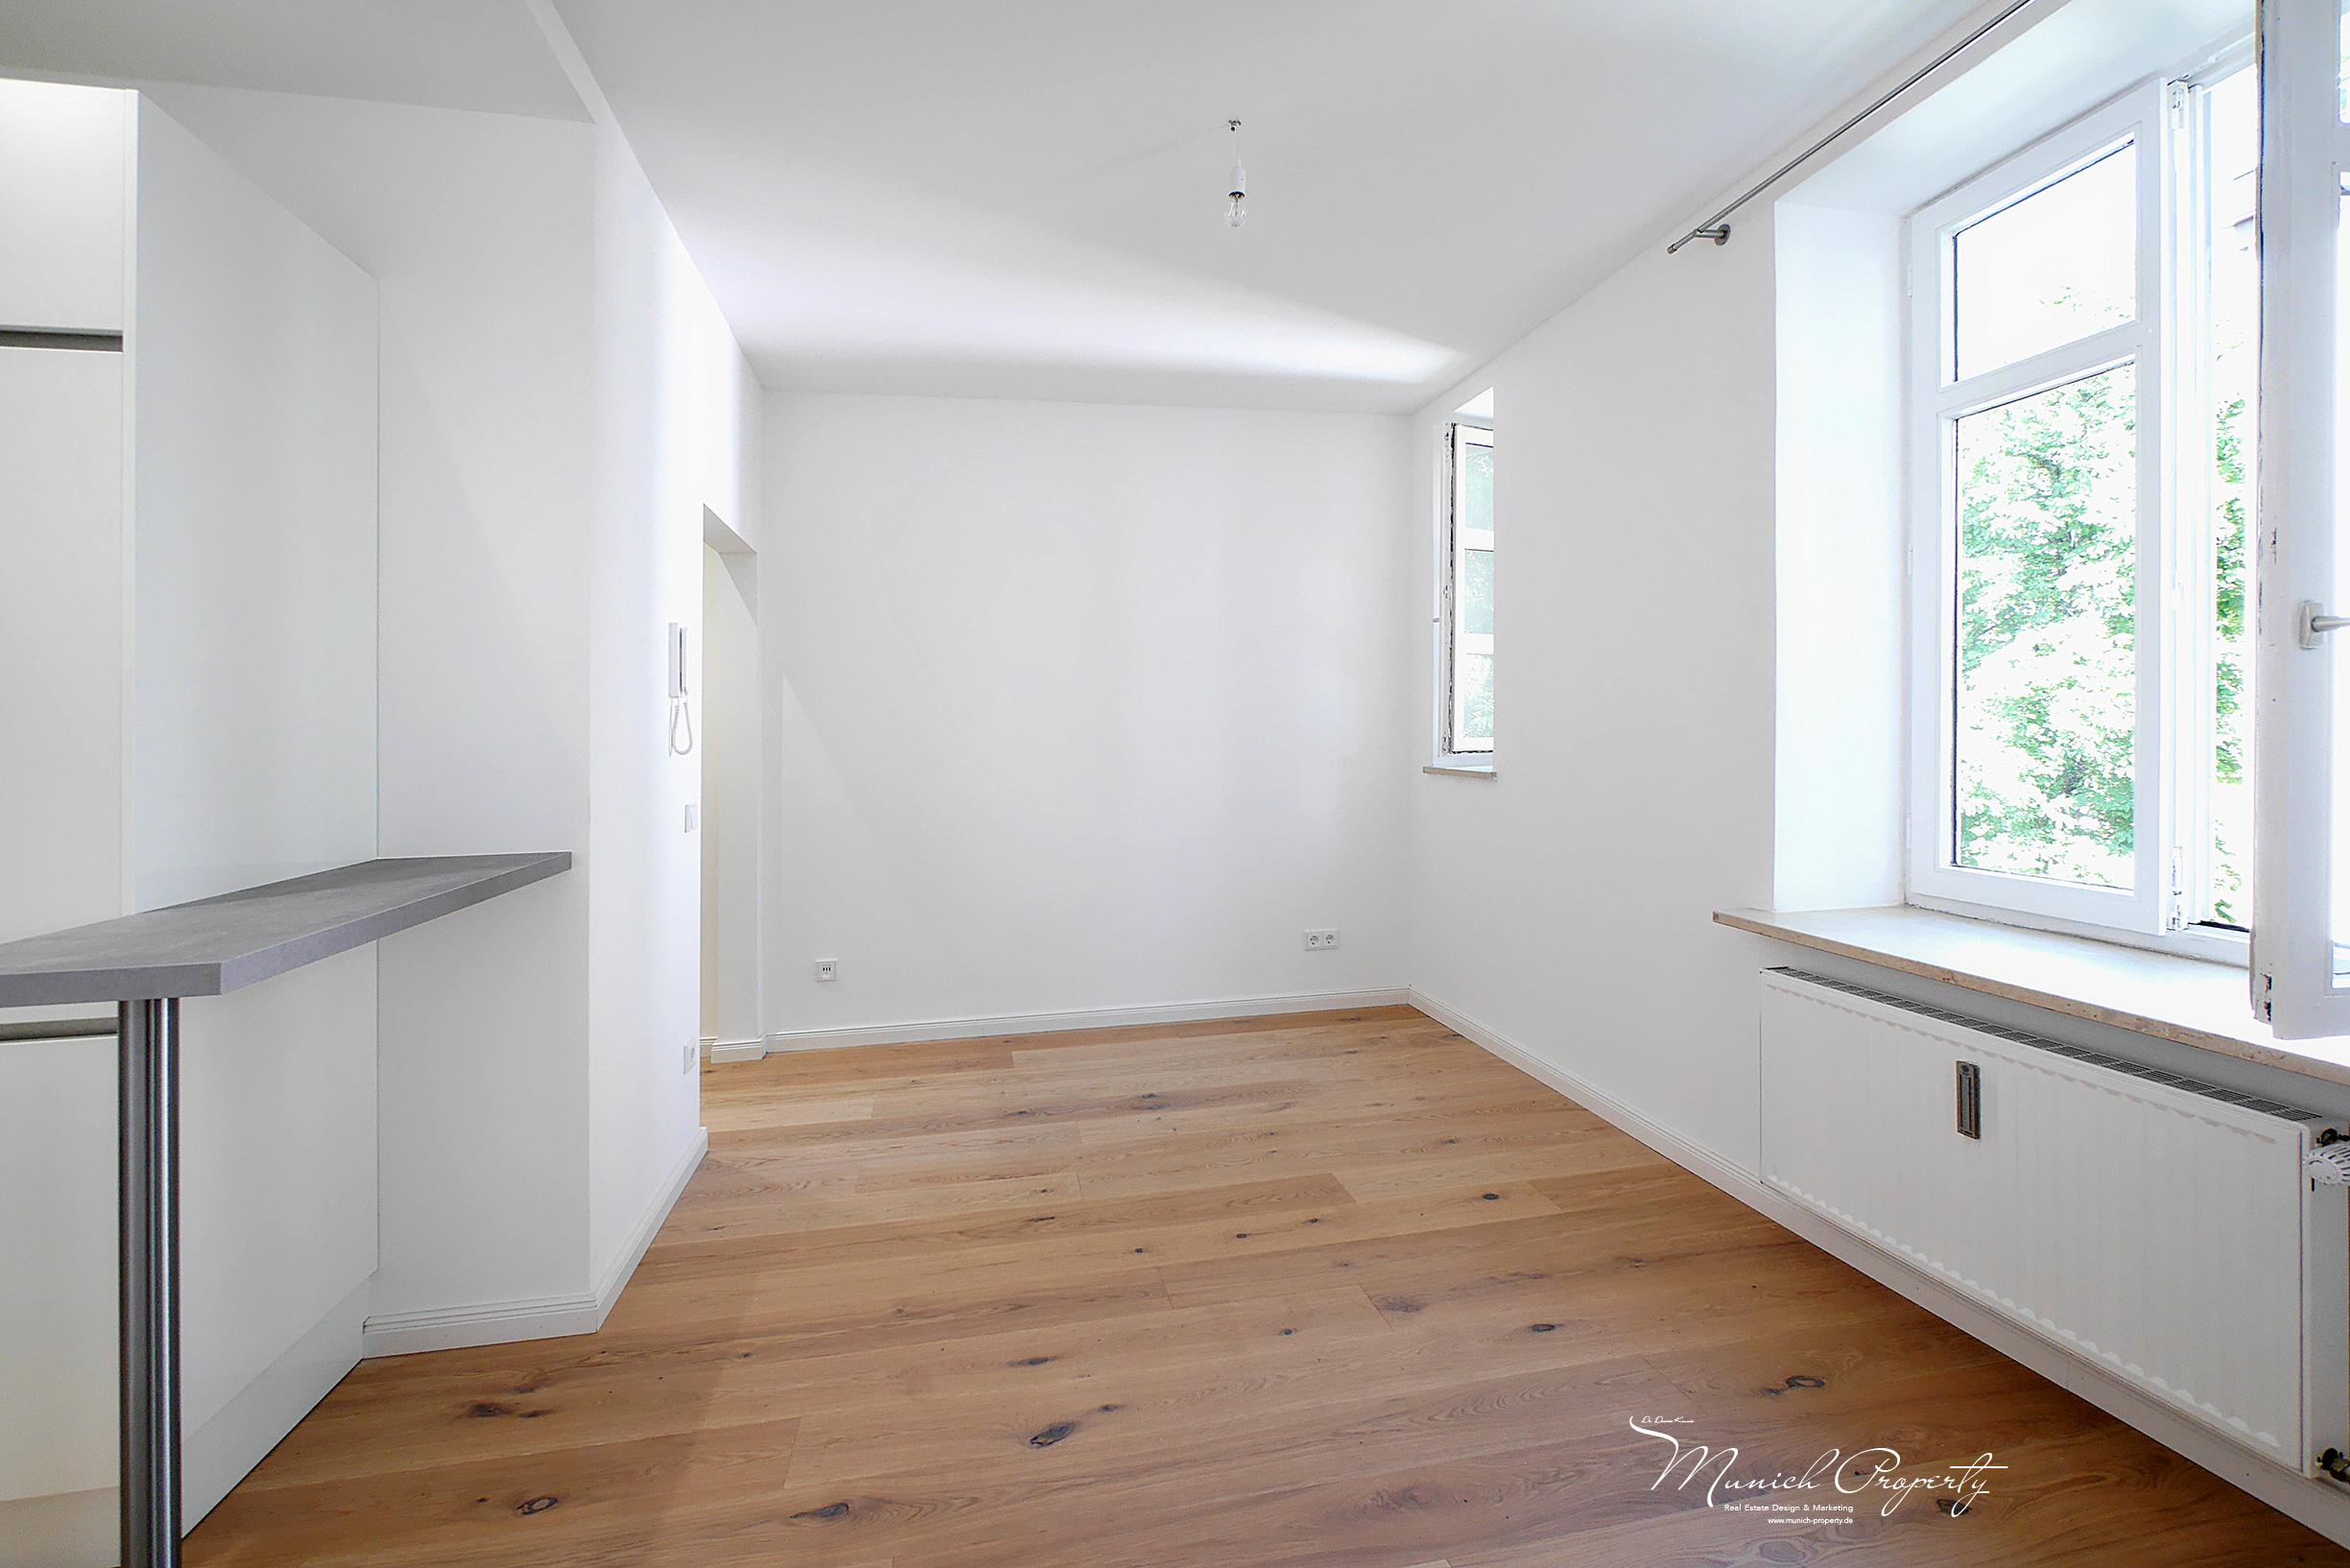 Wohnung mieten München Westend Schwanthalerhöhe: 2 Zimmer Altbau: Wohnzimmer